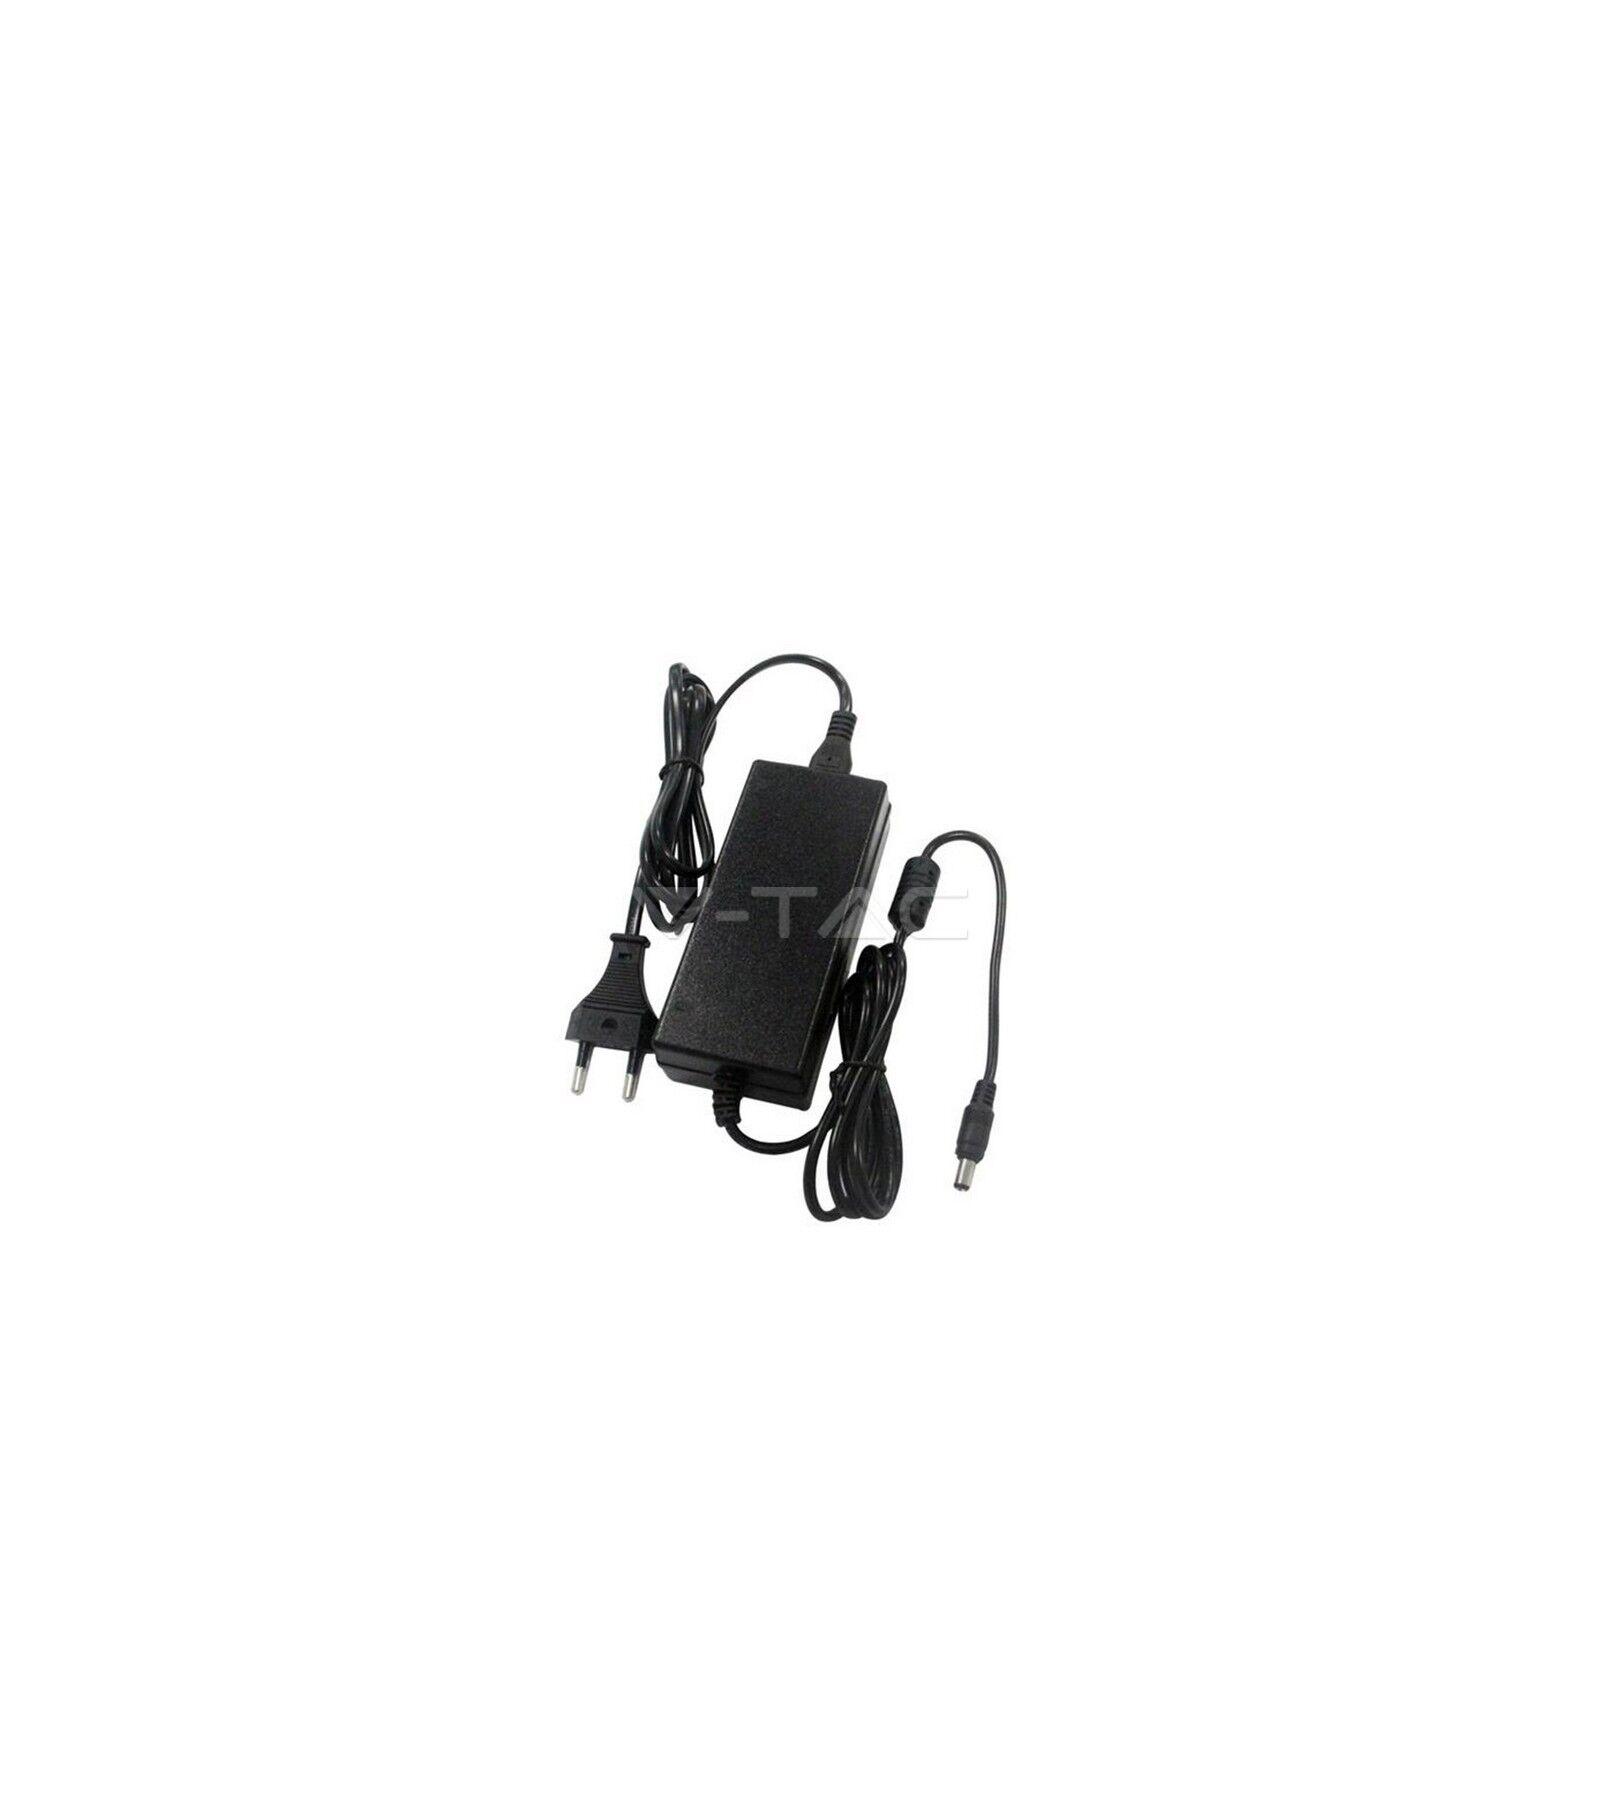 V-TAC Transformateur ruban led 60W 12V 5A IP44 V-TAC - 3239